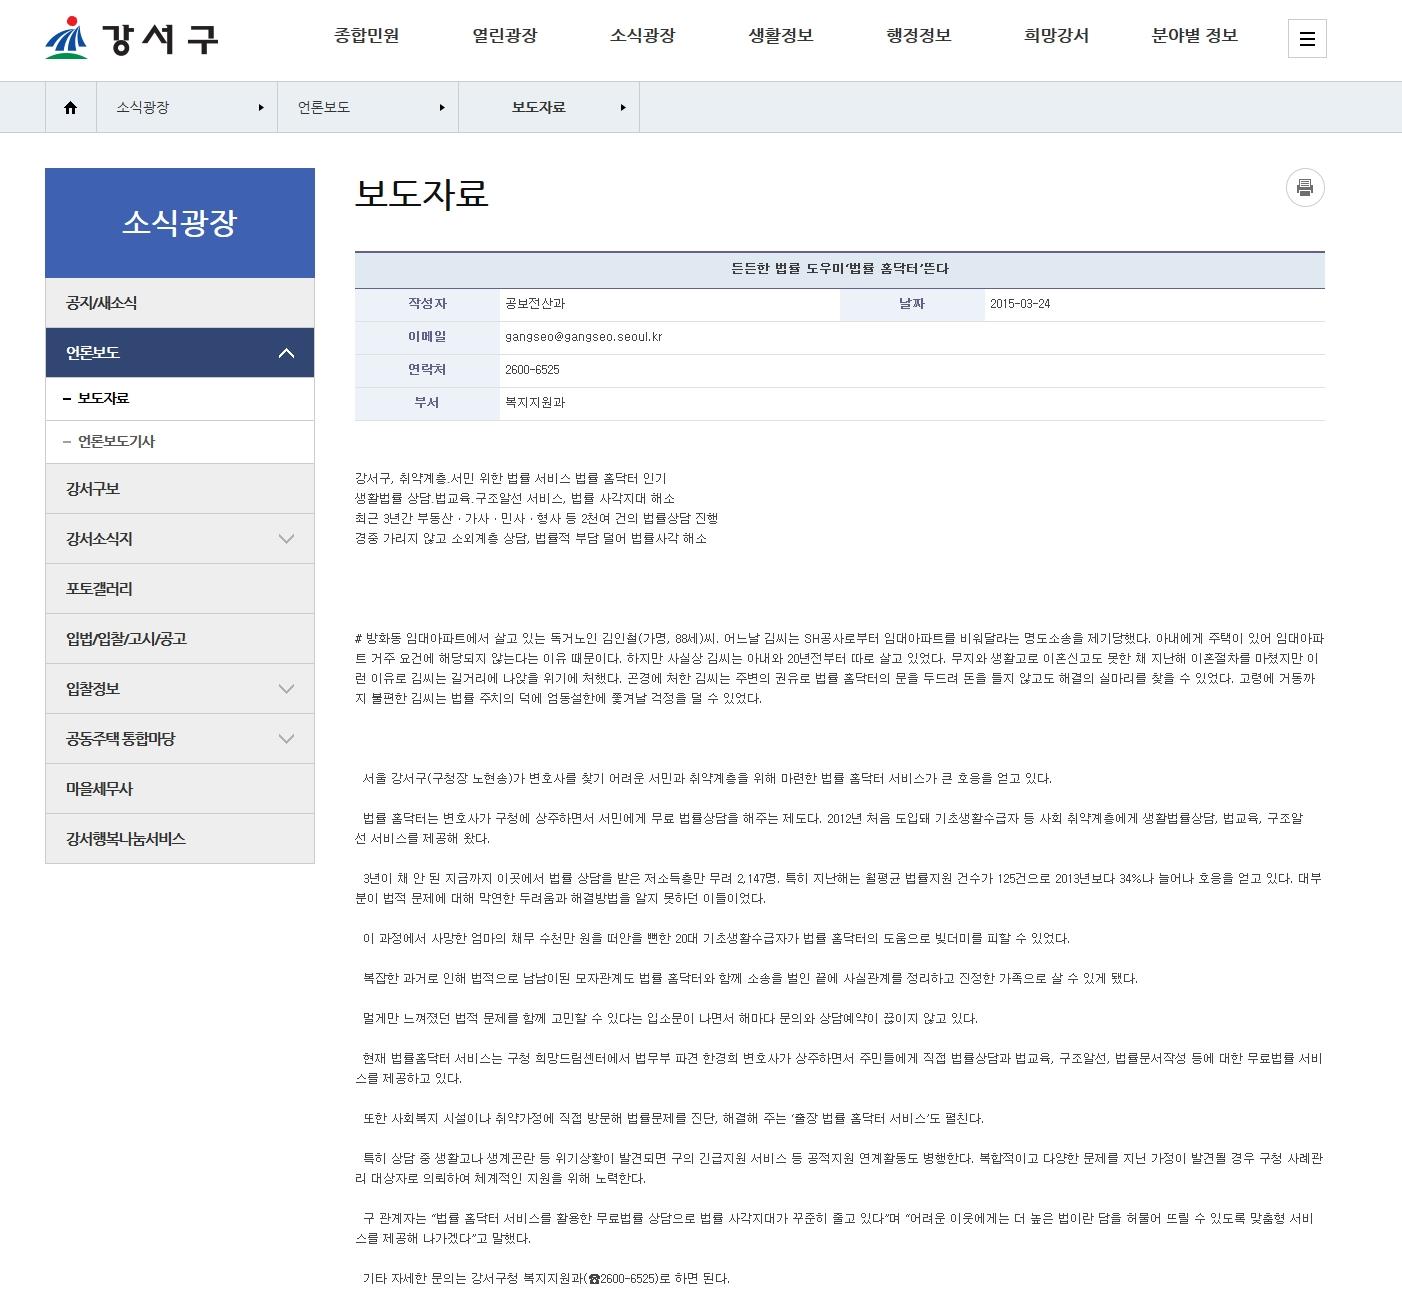 강서구청 보도자료 1 15.03.24